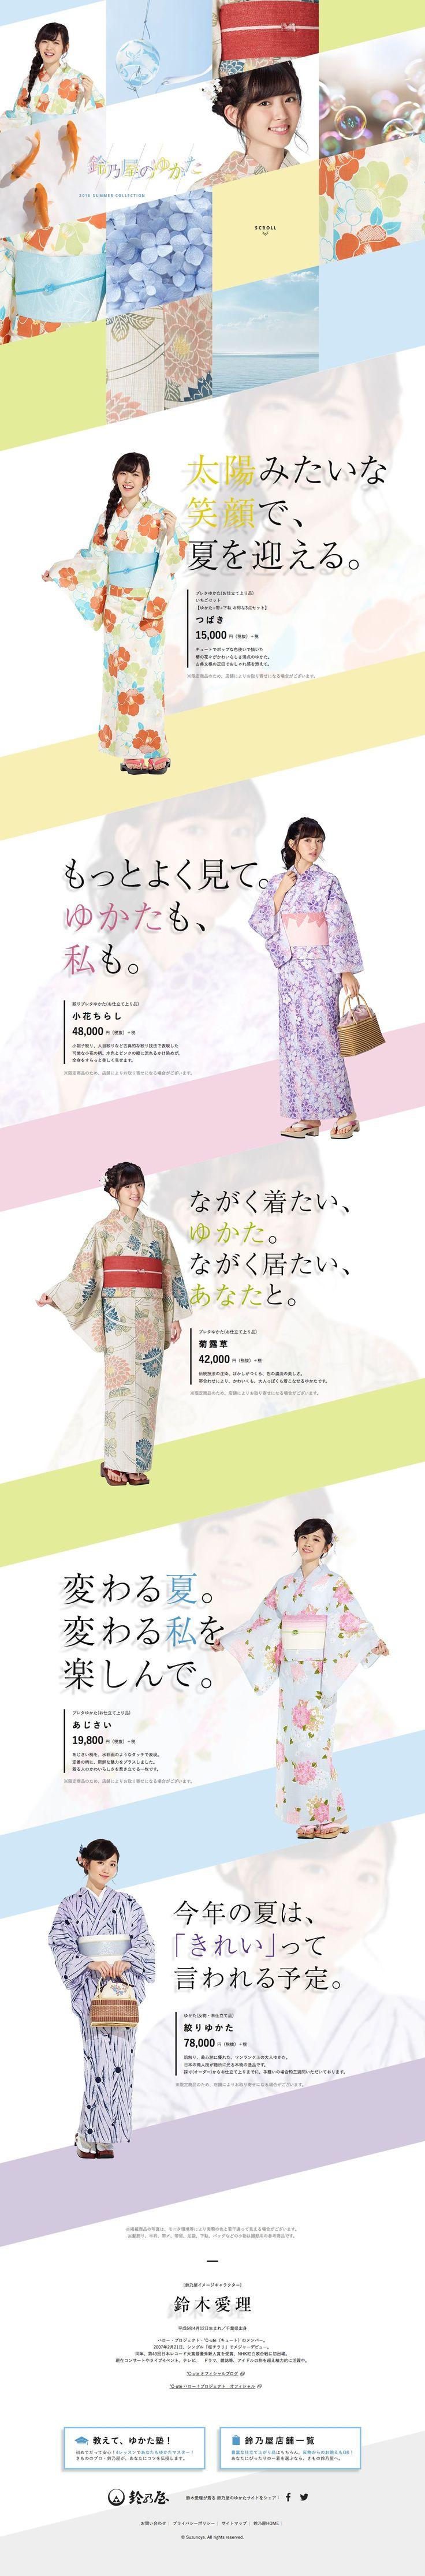 鈴木愛理が着る 鈴乃屋のゆかたコレクション。2016年も個性豊かな新作ゆかたが登場しています。鈴乃屋のゆかたで素敵な夏を迎えてみませんか。